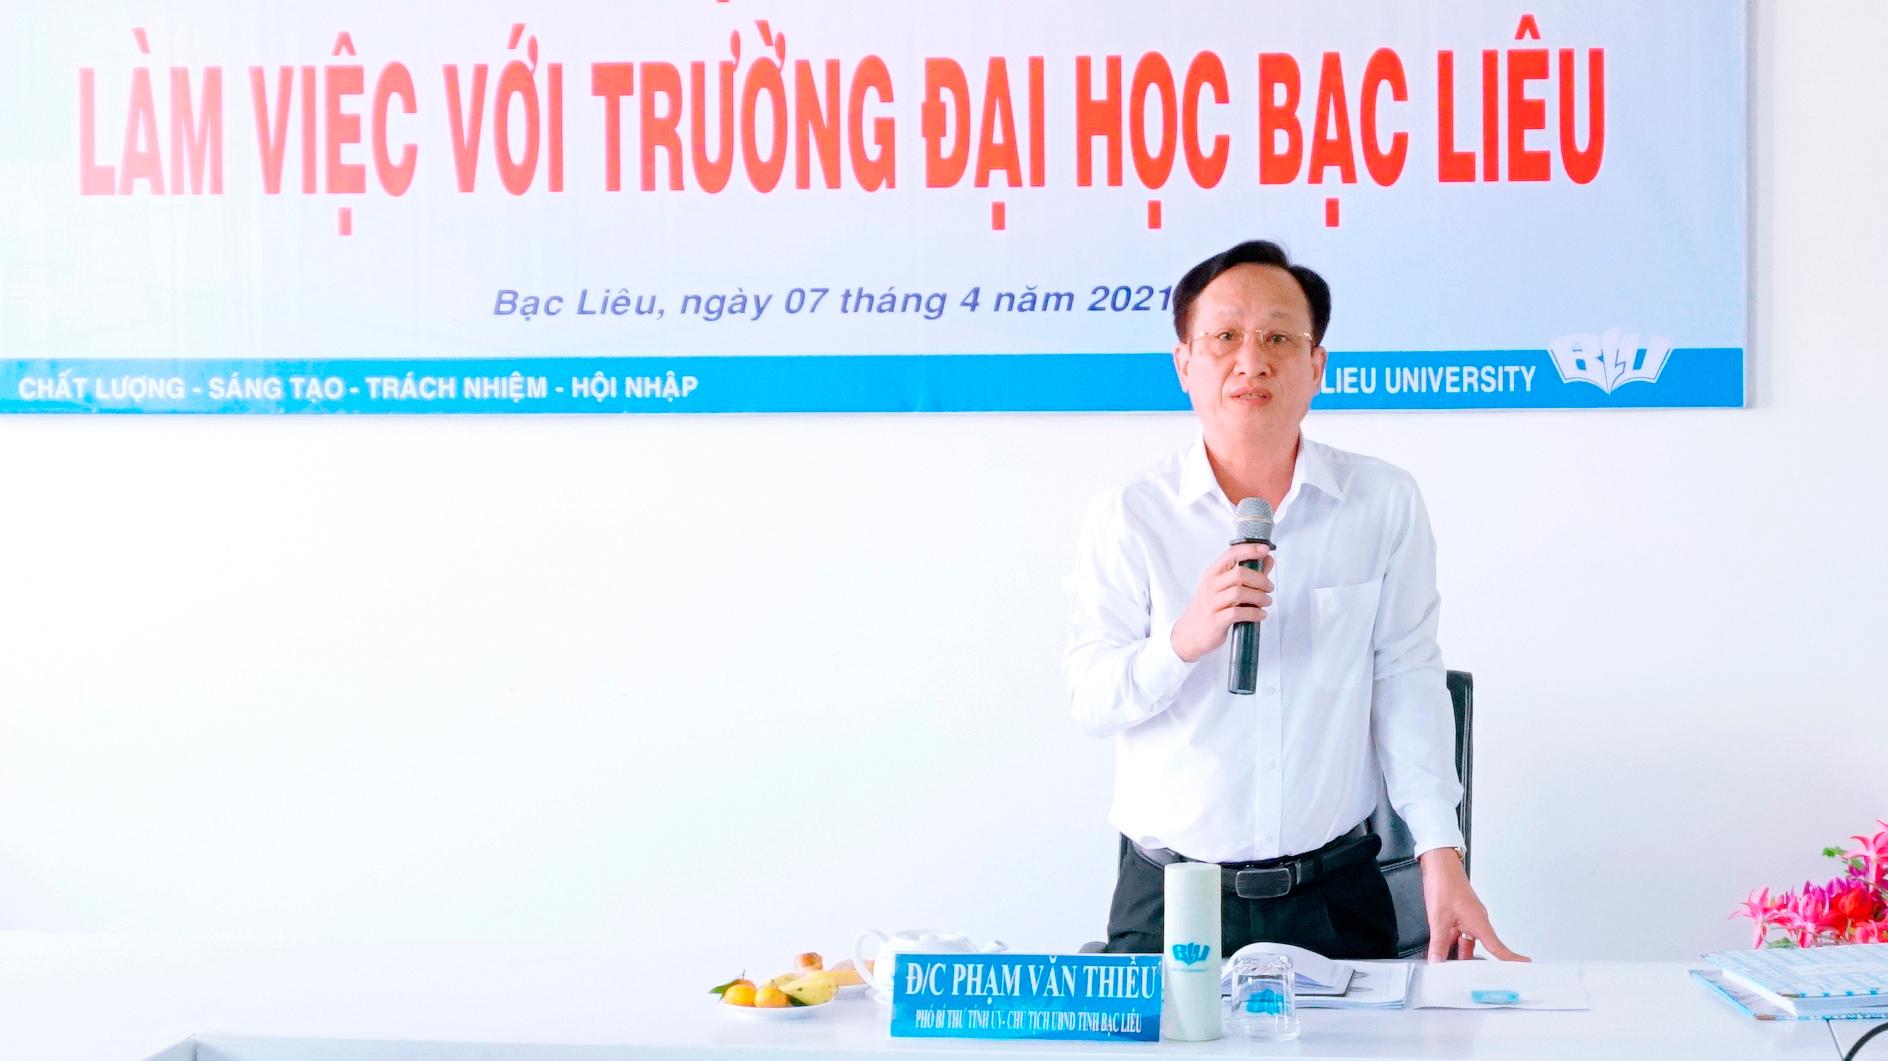 Làm việc với Trường Đại học Bạc Liêu, Chủ tịch UBND tỉnh – Phạm Văn Thiều chỉ đạo: Nâng cao chất lượng nguồn nhân lực, tạo dựng thương hiệu cho trường